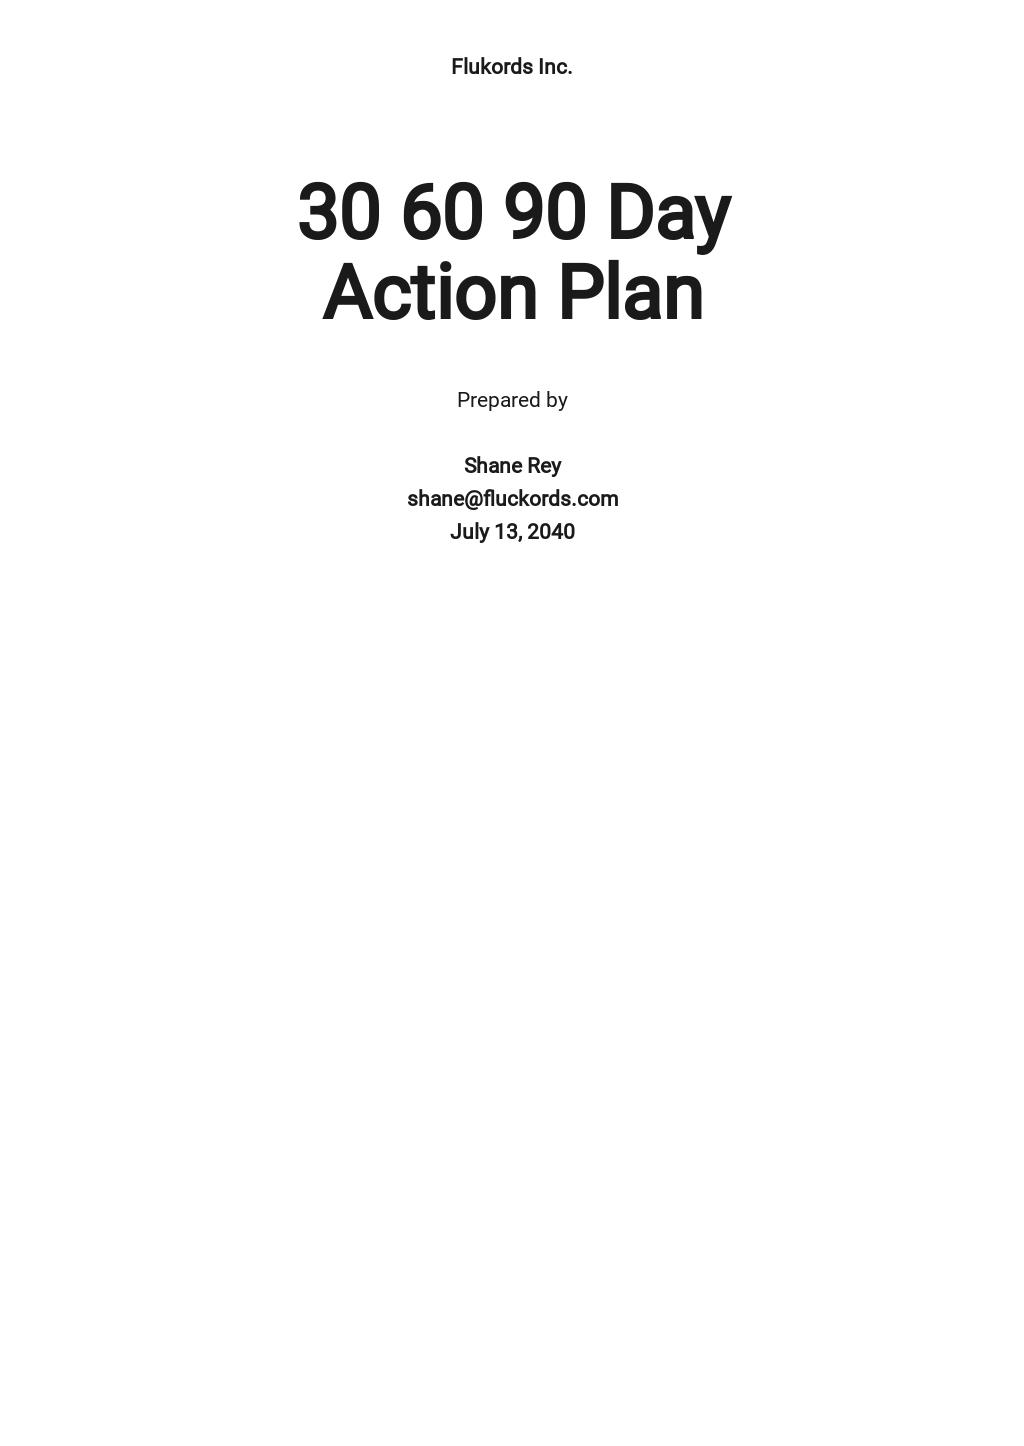 30 60 90 day Action Plan Sample.jpe